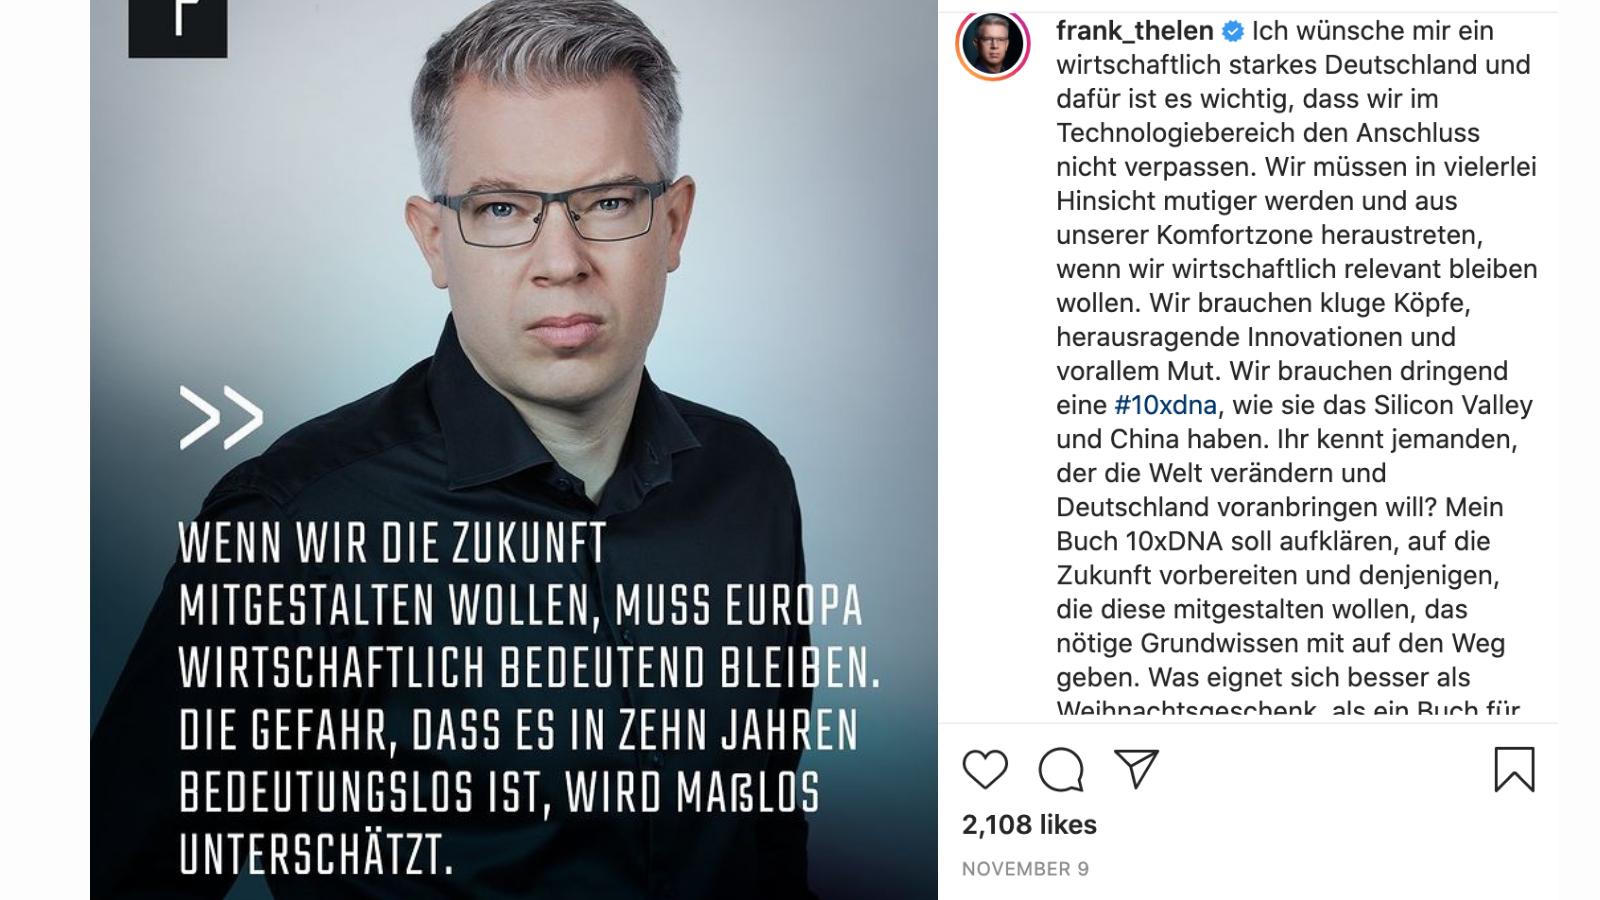 Frank Thelen, Instagram tech influencer to follow